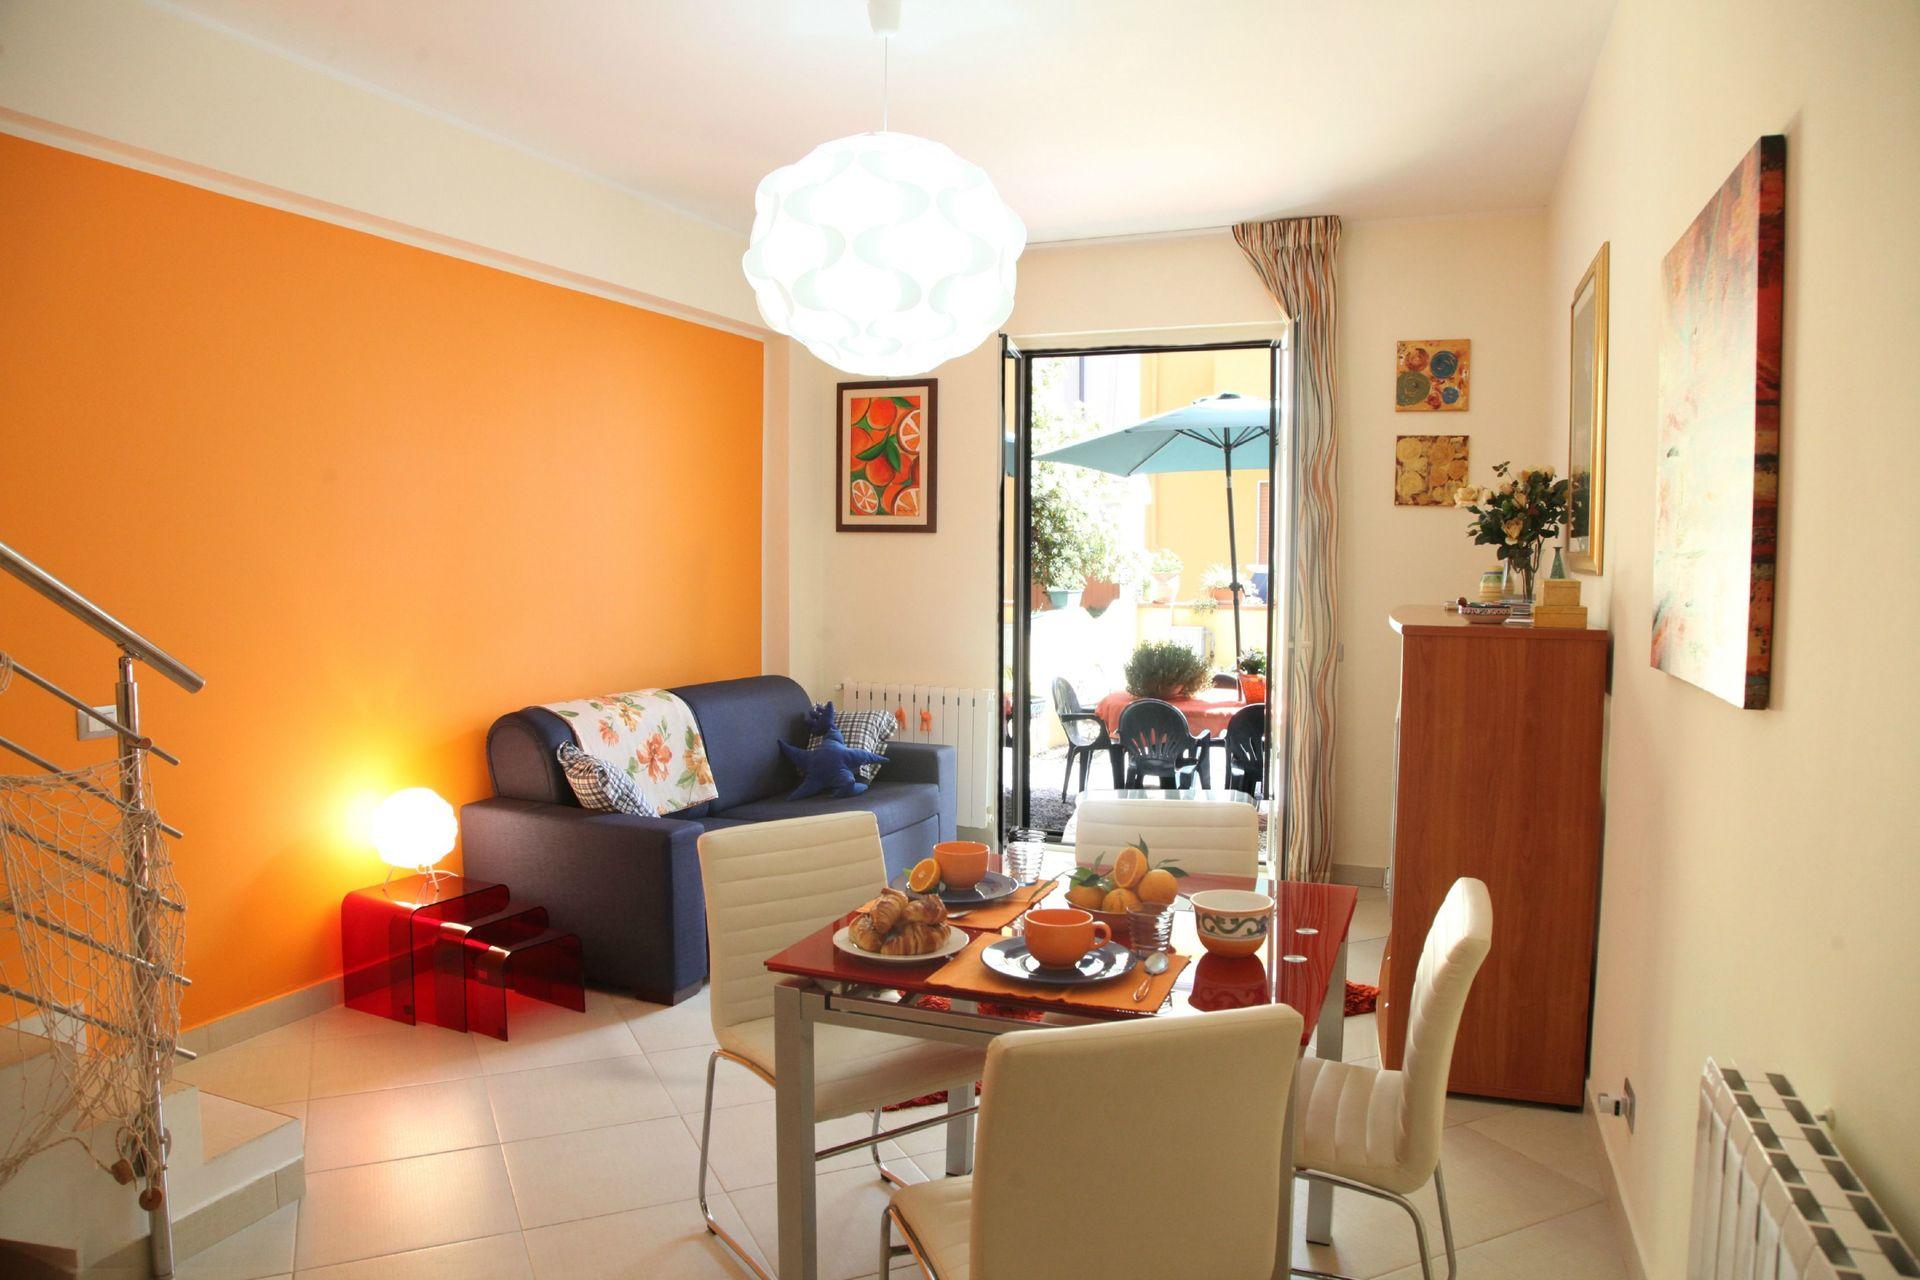 Casa & Co Milazzo casa aloi: villa that sleeps 6 people in 2 bedrooms, located